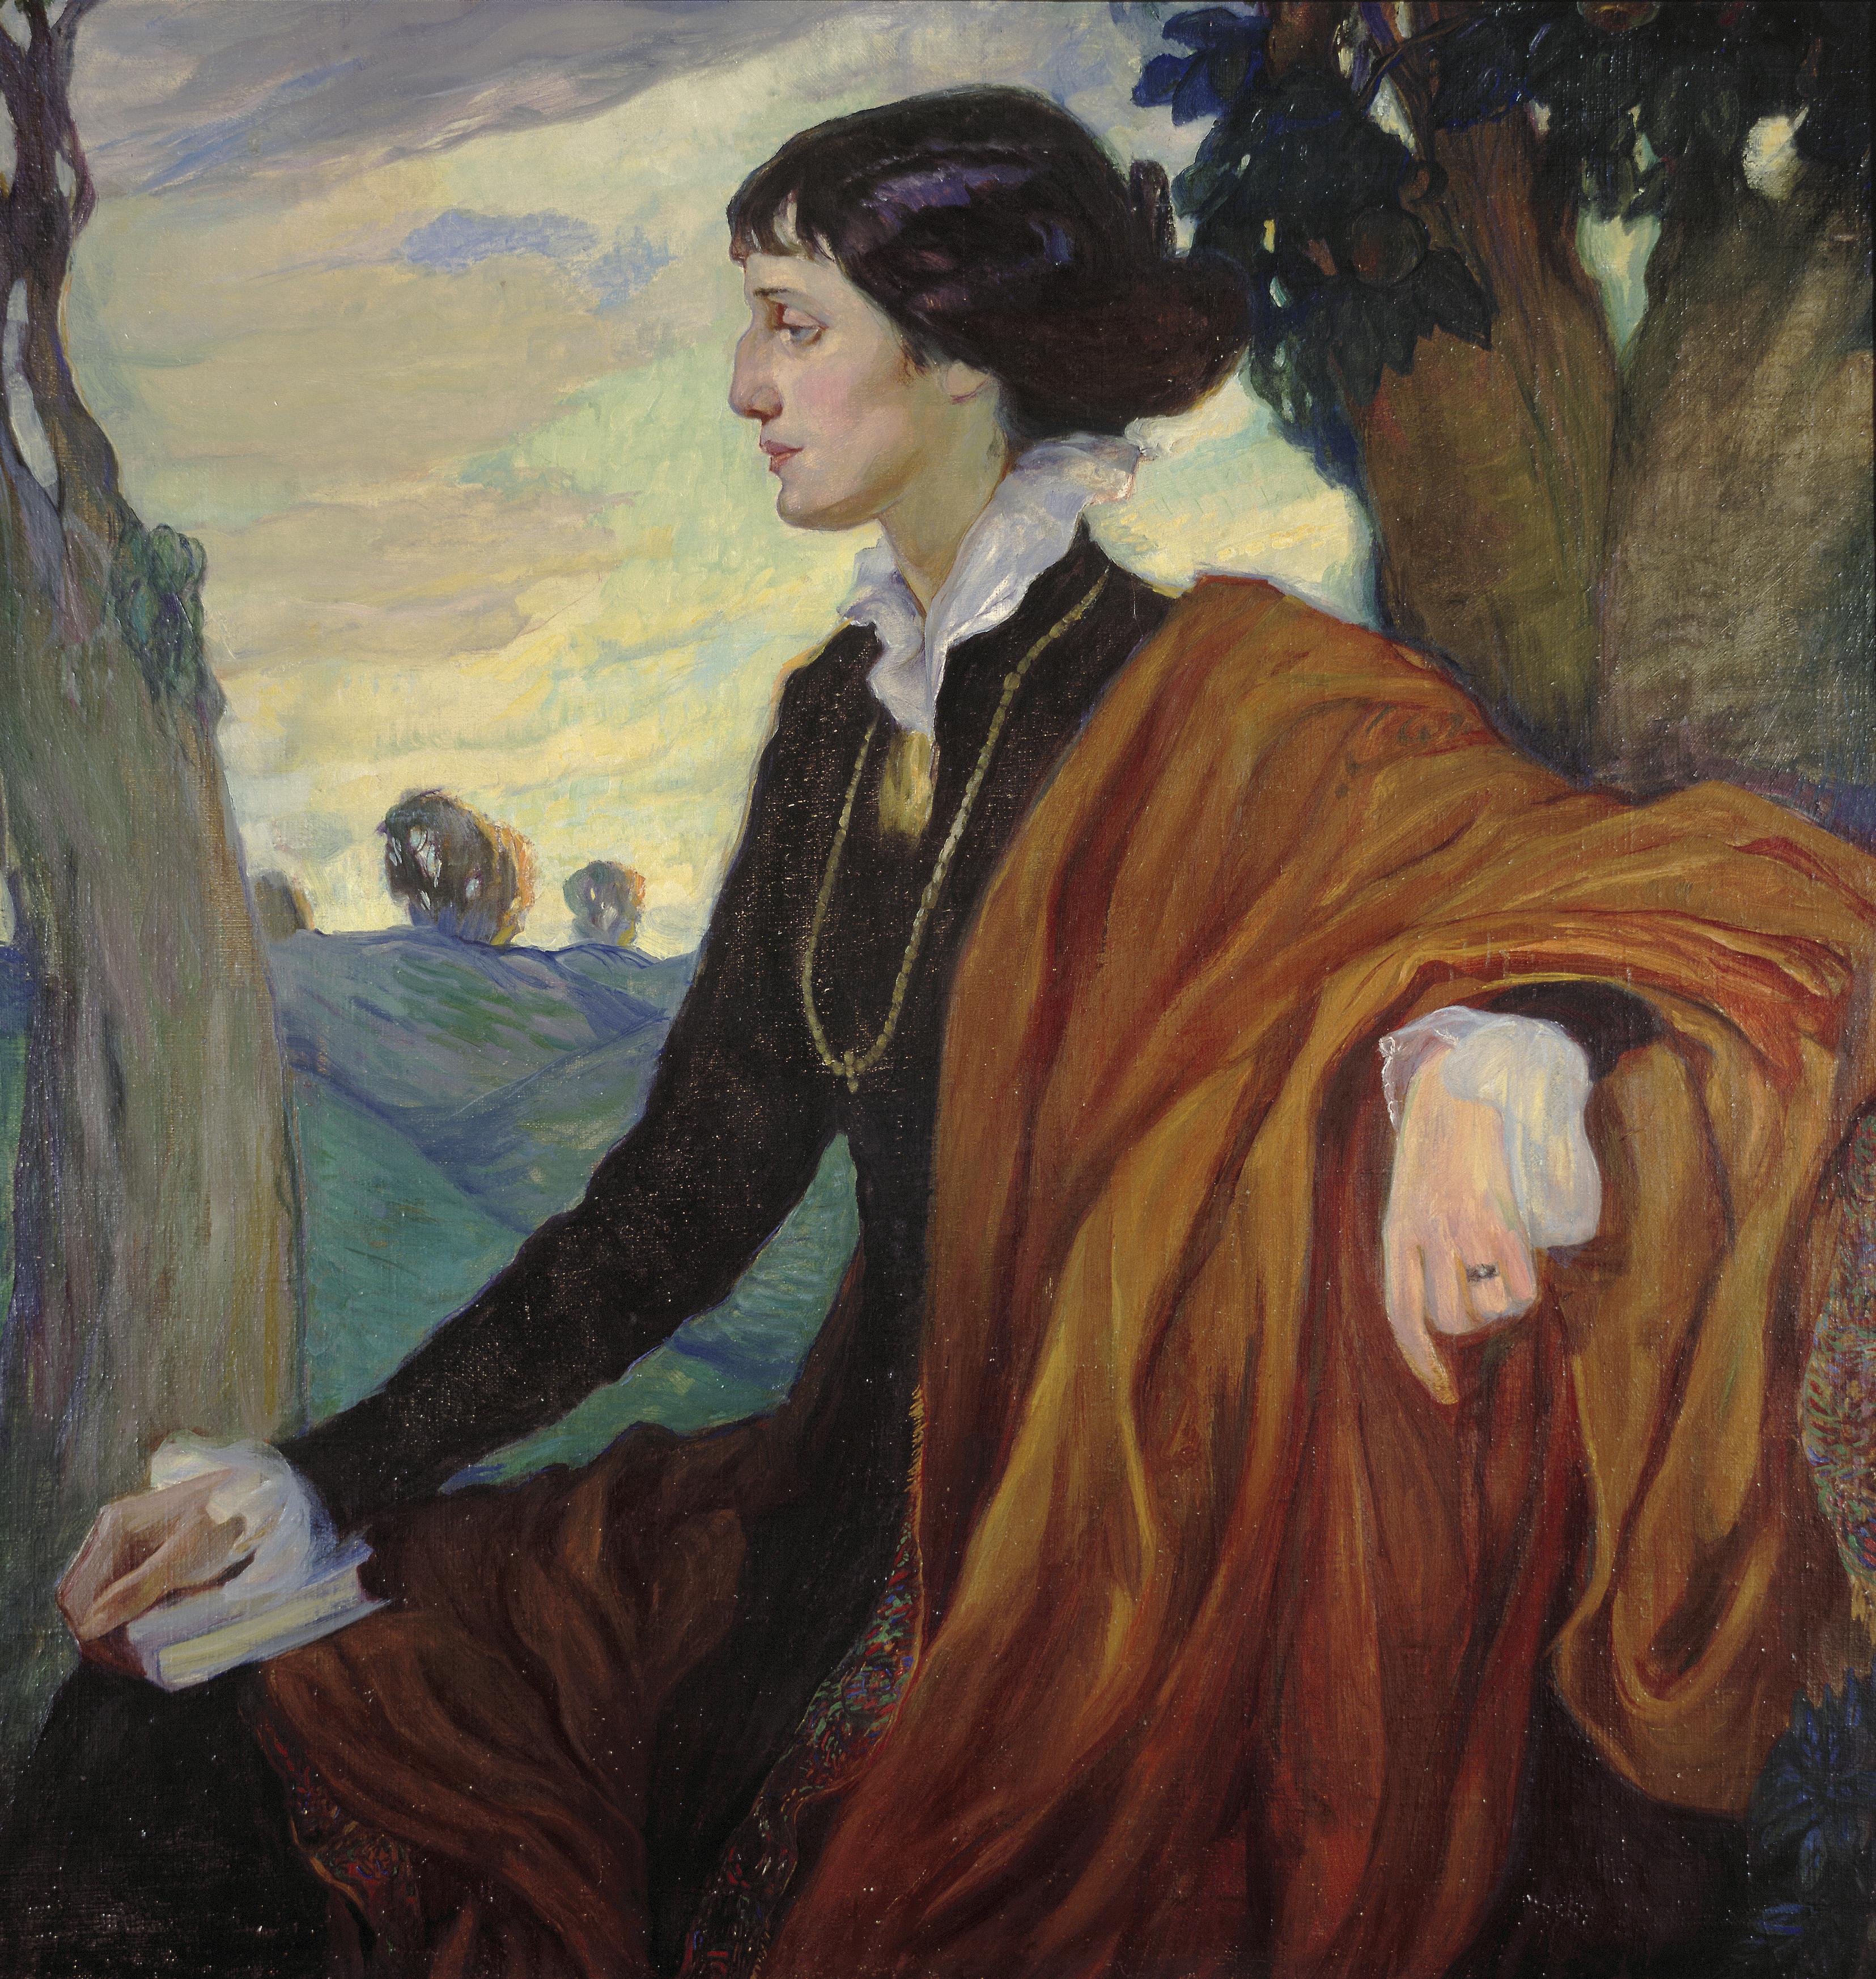 File:Olga kardovskaya portret ahmatovoy 1914 szh 16.jpg